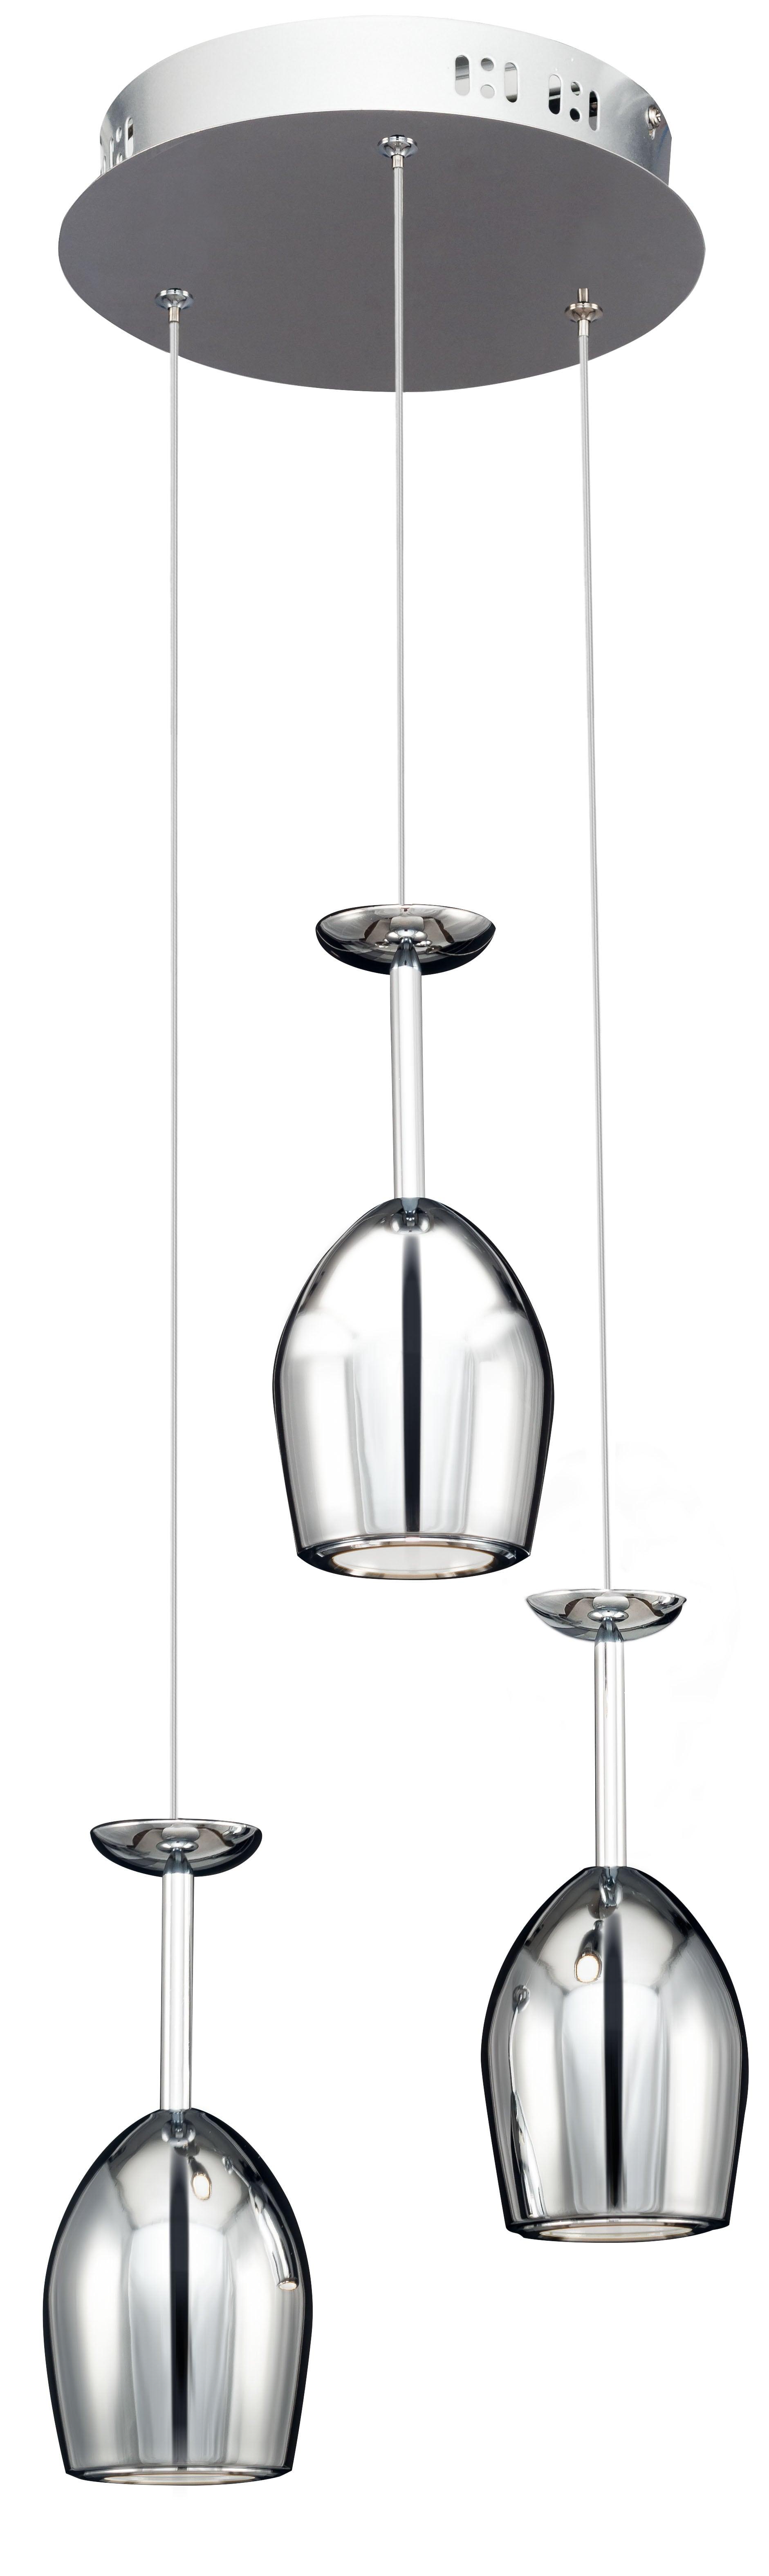 Tripla lampă modernă suspendată Merlot crom LED 5W